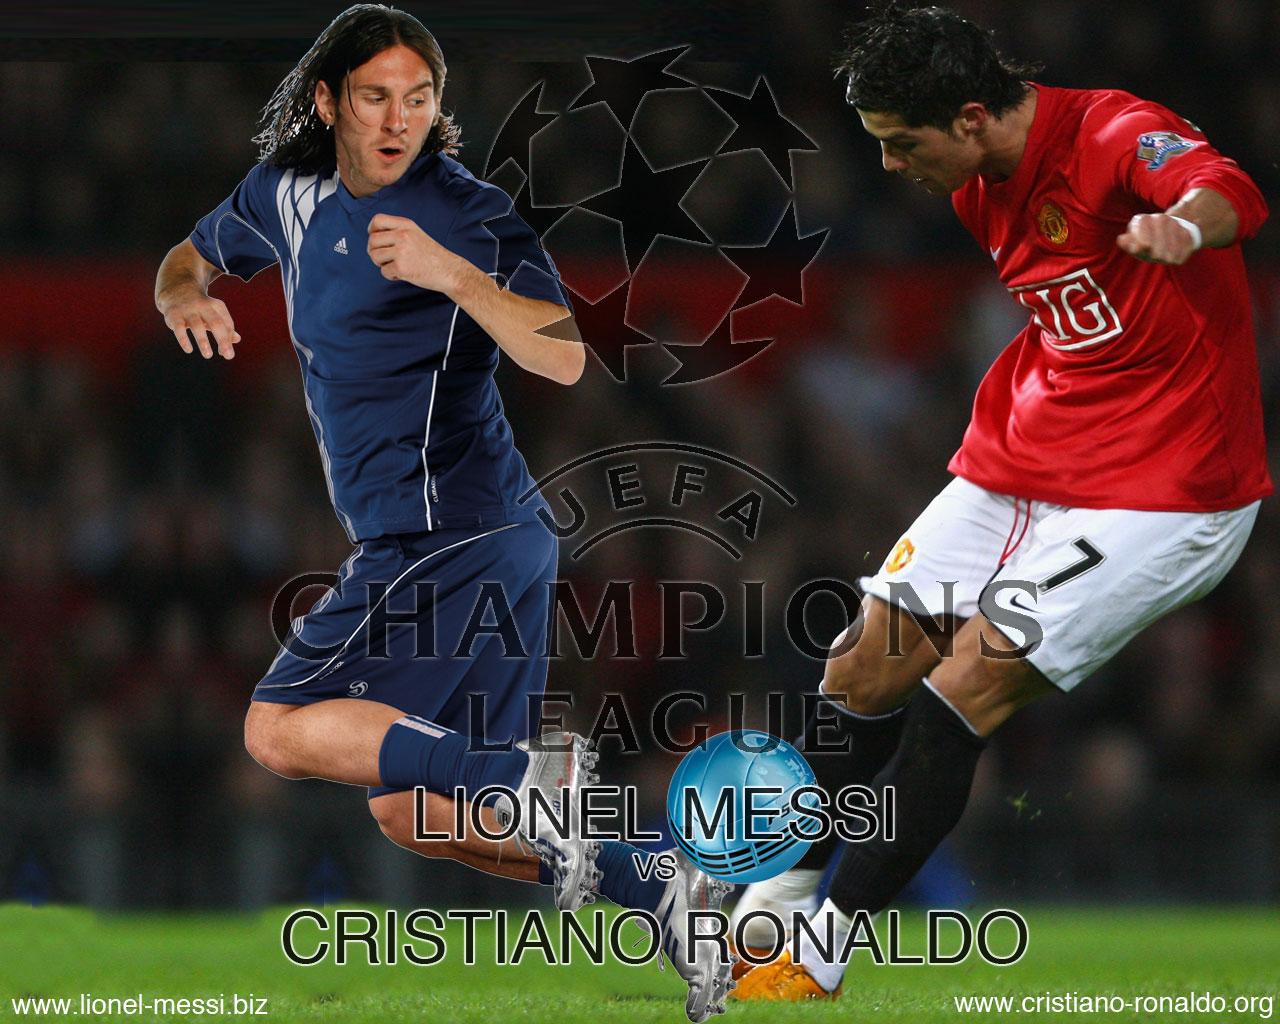 http://4.bp.blogspot.com/-nZcc1my6tPM/Tc48c1t7UjI/AAAAAAAACPo/GJLrQSBSnsI/s1600/lionel-messi-vs-cristiano-ronaldo-73.jpg